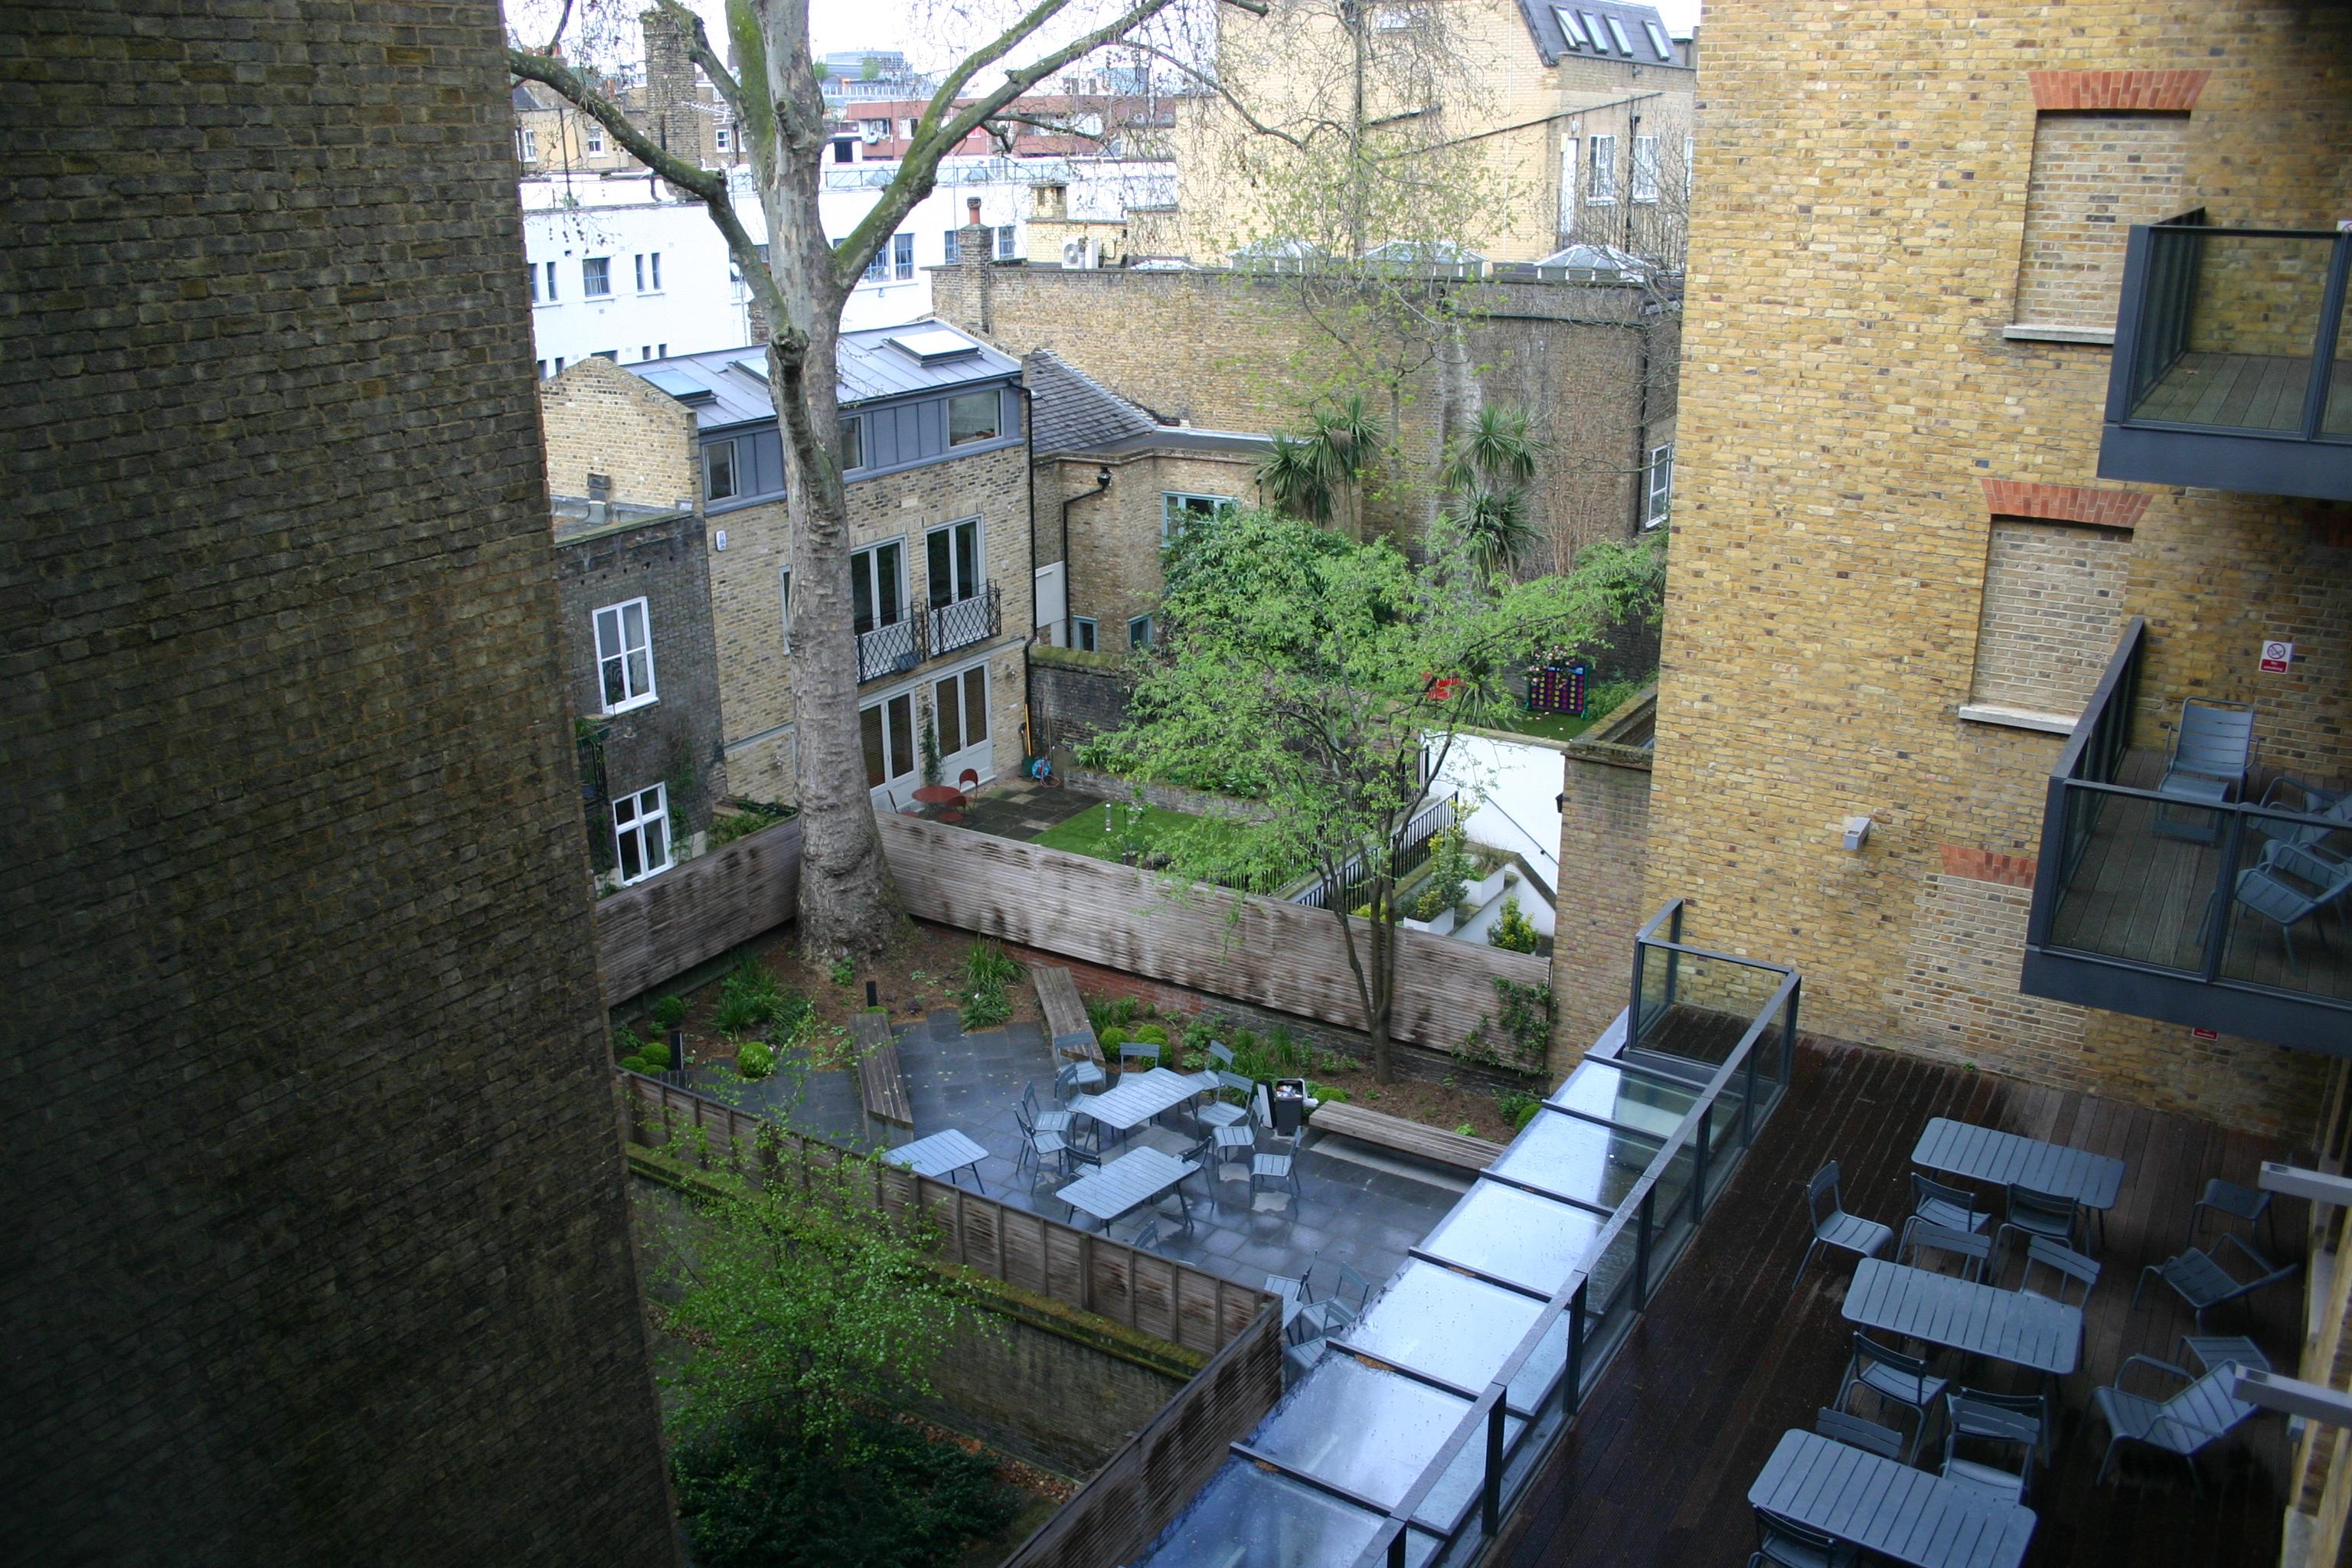 Hultロンドンキャンパスの中庭